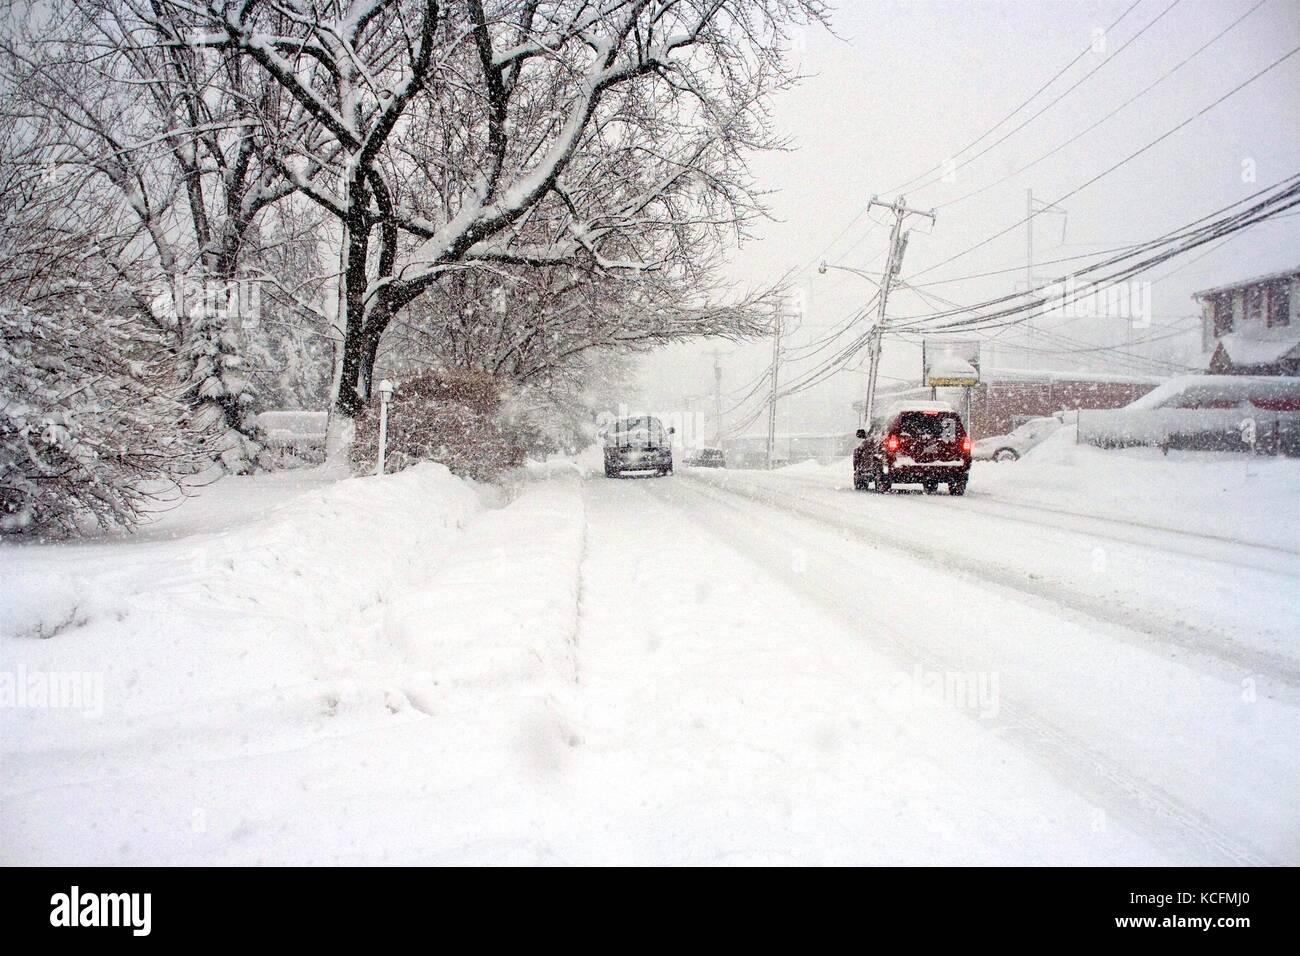 Les chasse-neige, travailler dur pour effacer la neige profonde sur les routes à la suite d'une tempête de neige. Banque D'Images